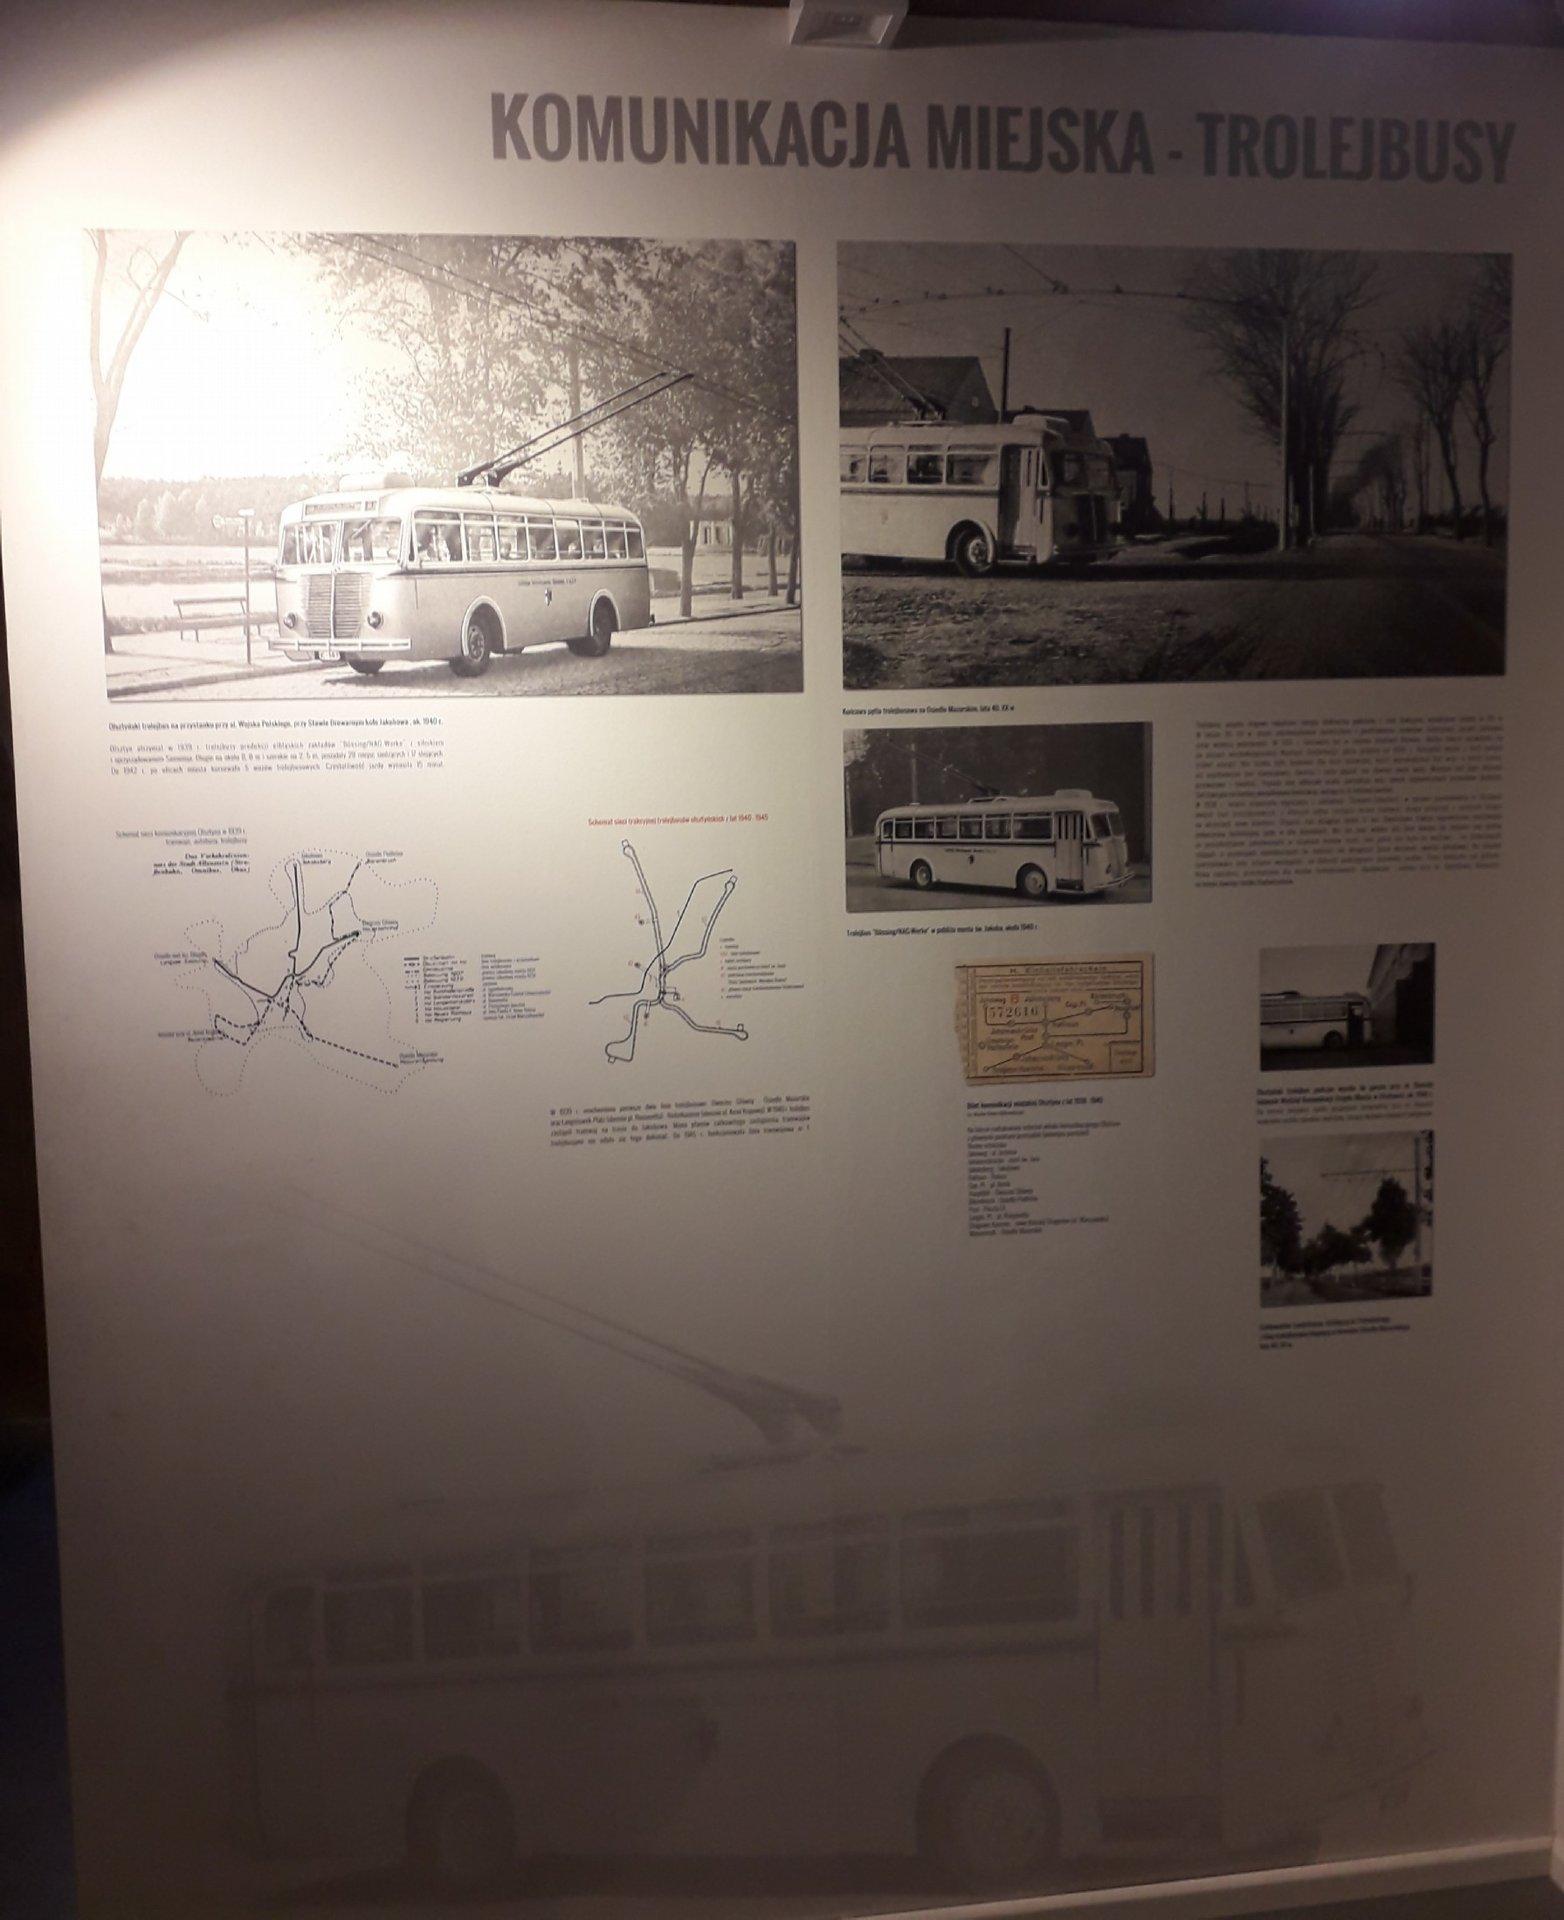 Muzeum Nowoczesności w Olsztynie - Komunikacja miejska - trolejbusy.jpg